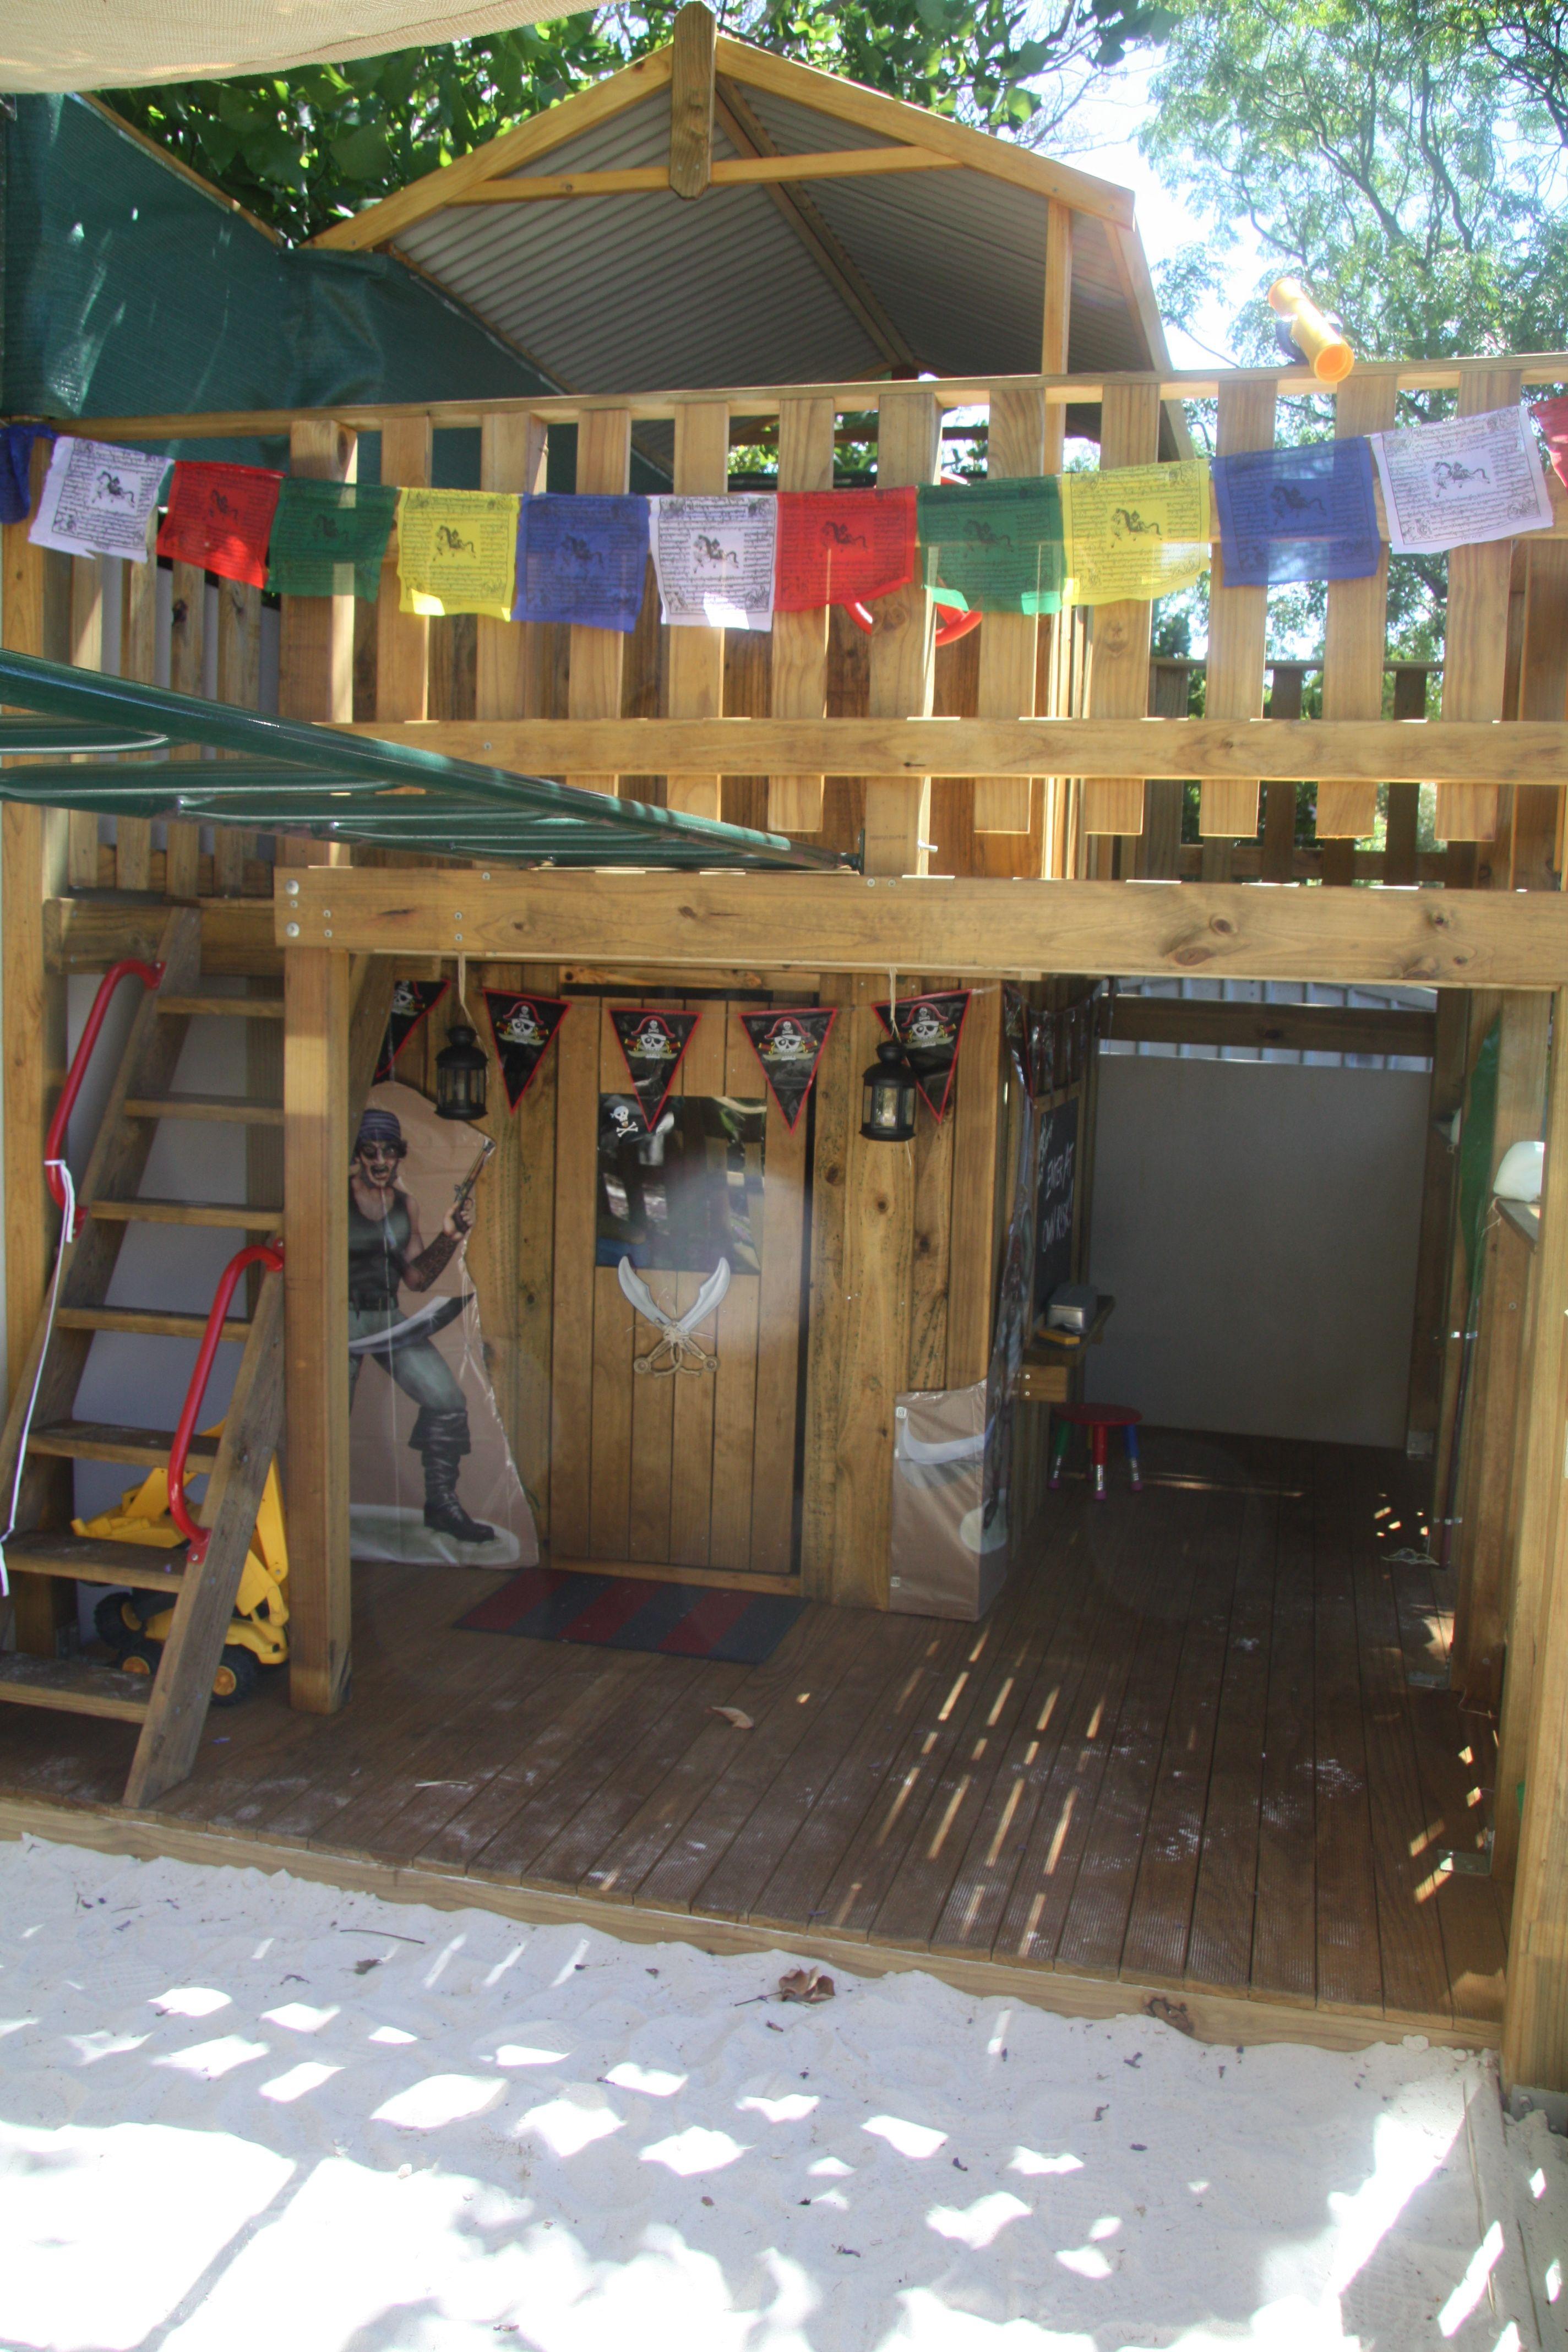 beste Qualität Größe 40 reduzierter Preis Kids Cubby House designed by the decor empress mum, Bree ...